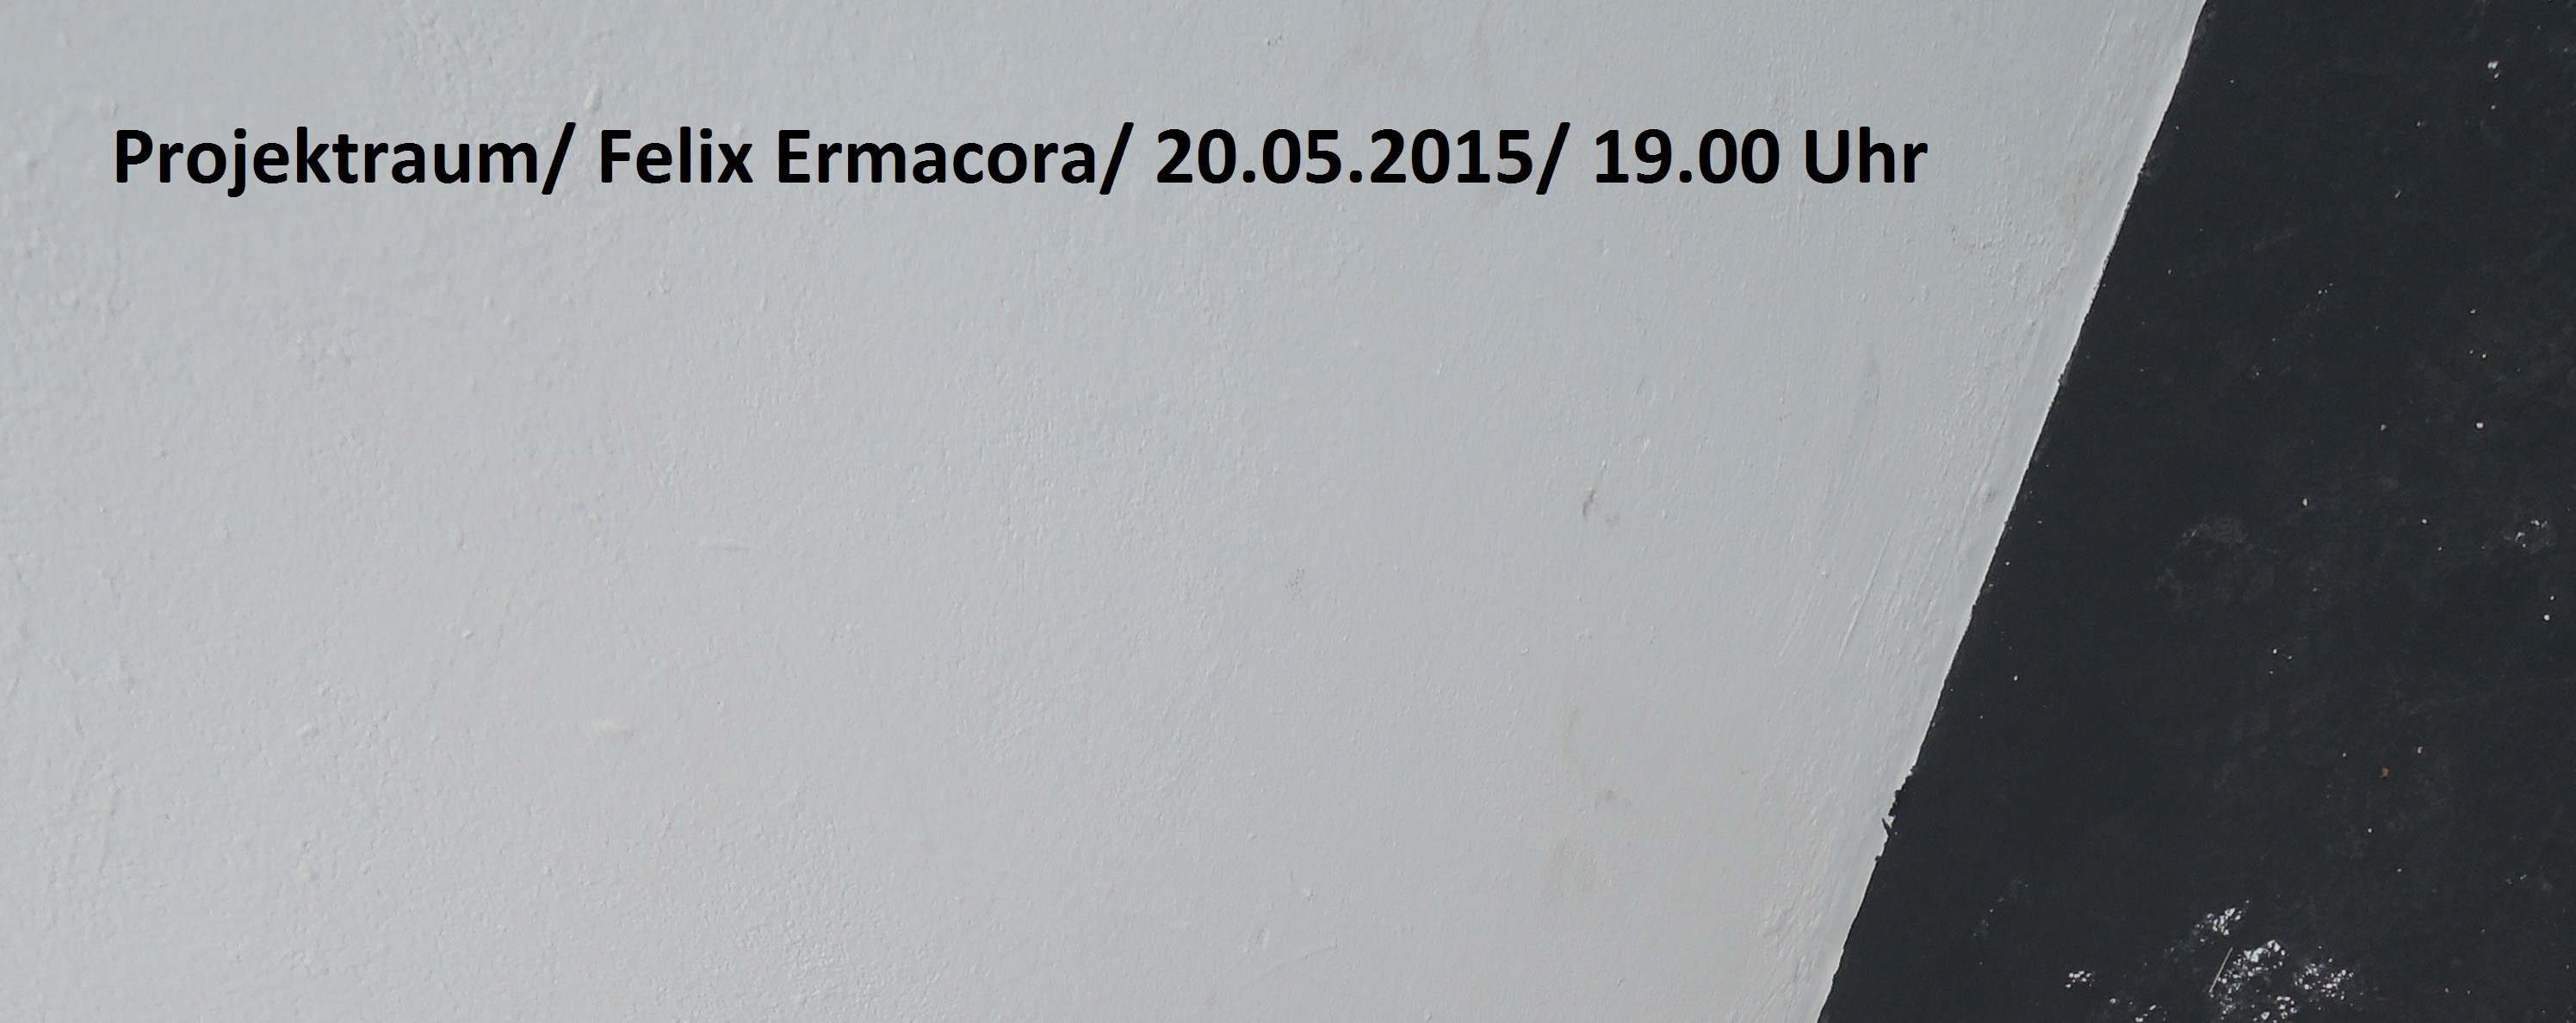 FlyerErmacora